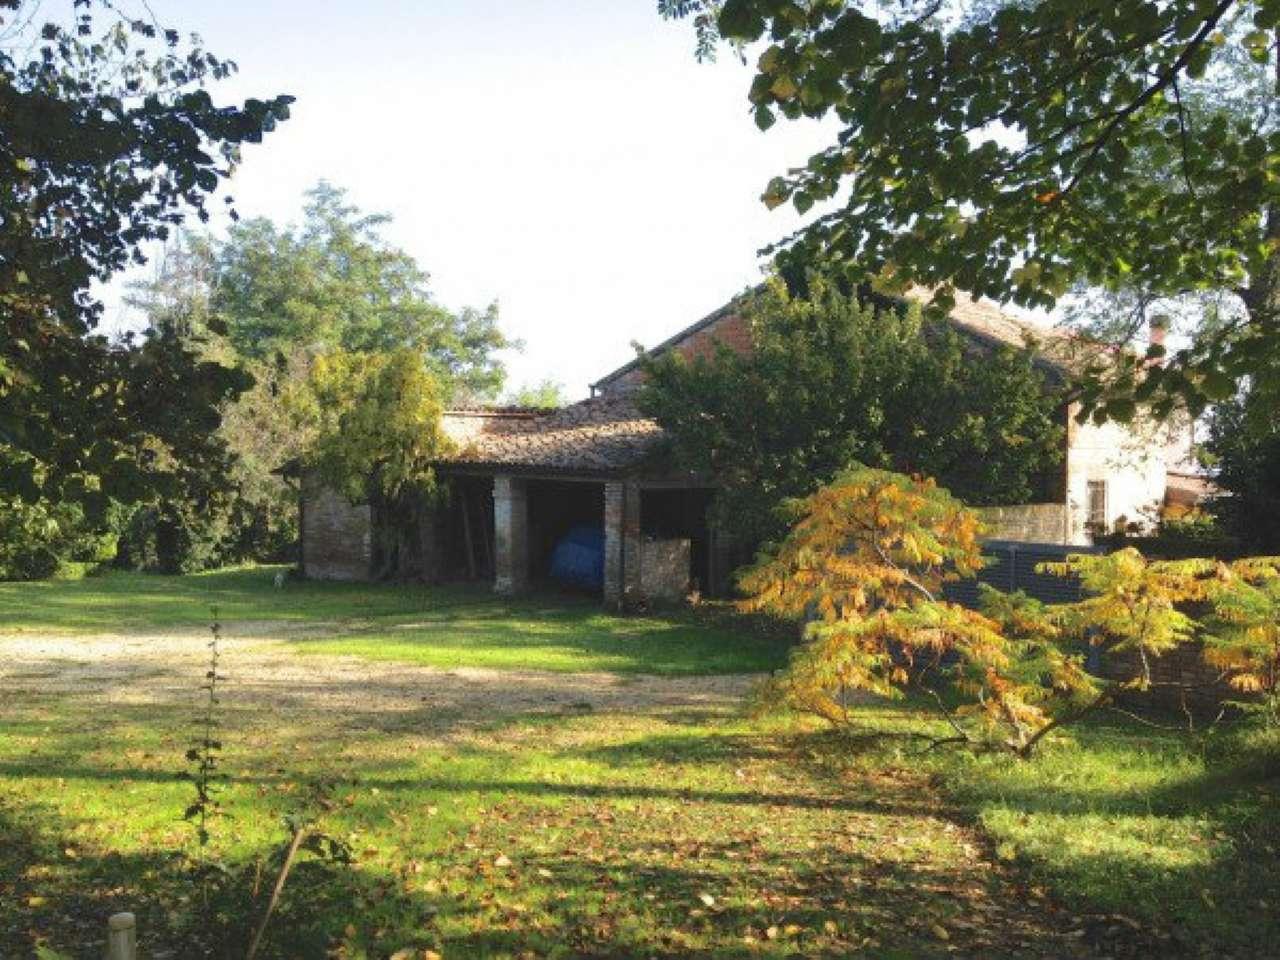 Rustico / Casale in vendita a Cesena, 8 locali, prezzo € 190.000 | CambioCasa.it